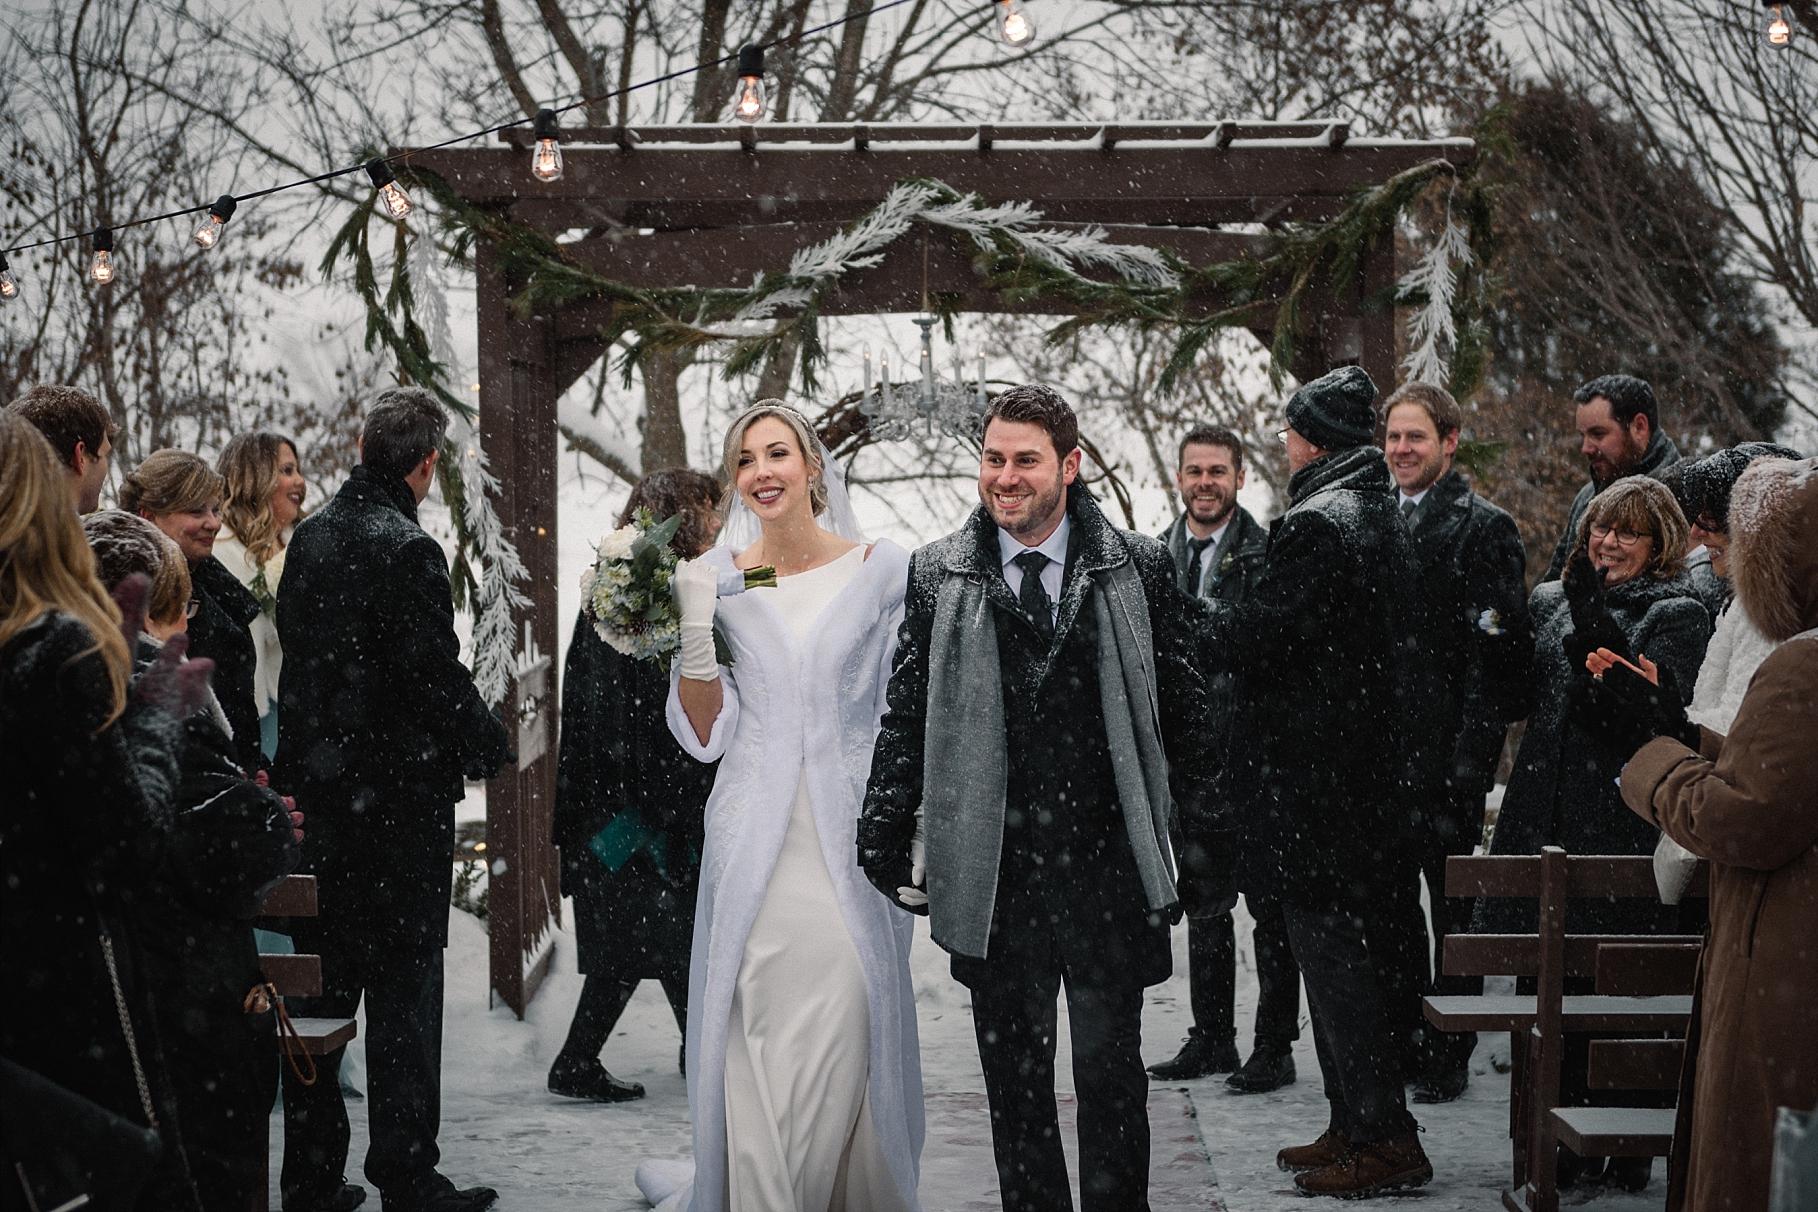 Strathemere Winter Wedding